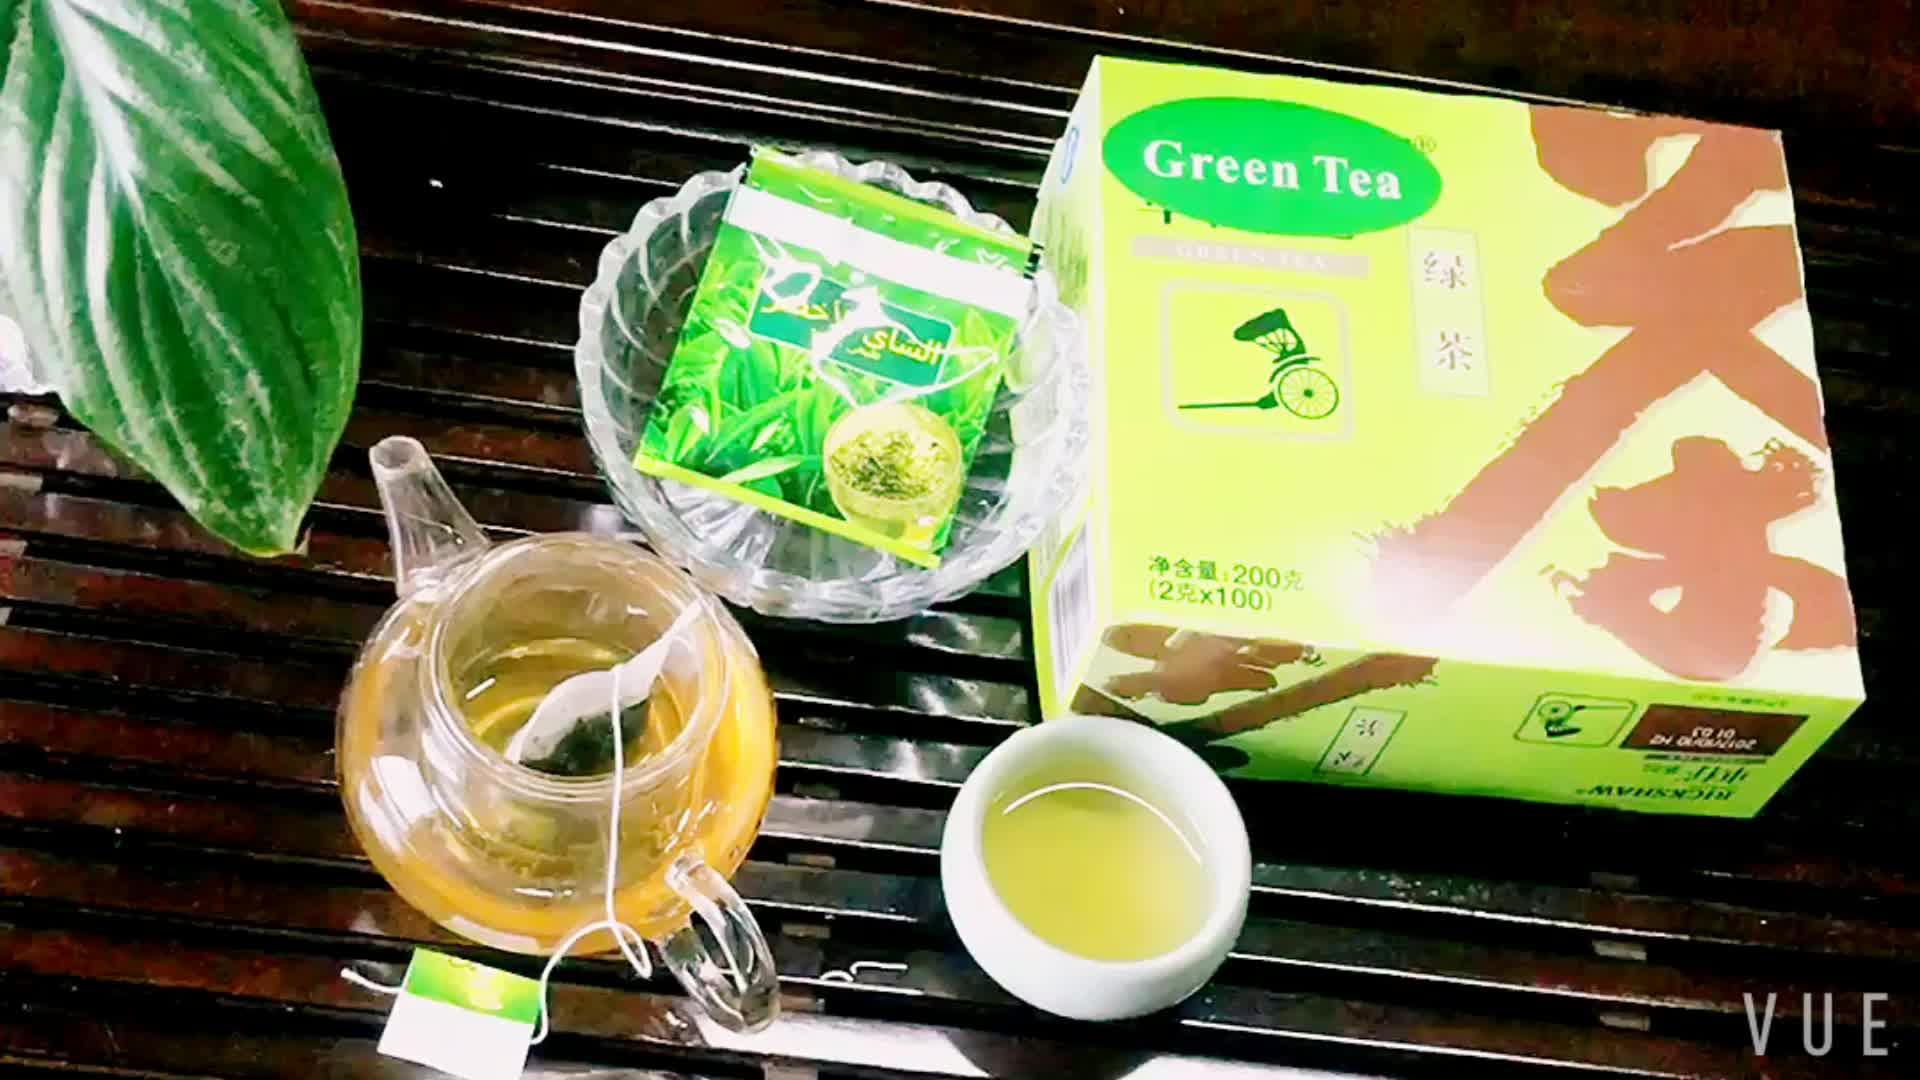 有機緑茶袋詰めパッキング 20 ティーバッグ箱につきプライベートラベルと愛らしい価格